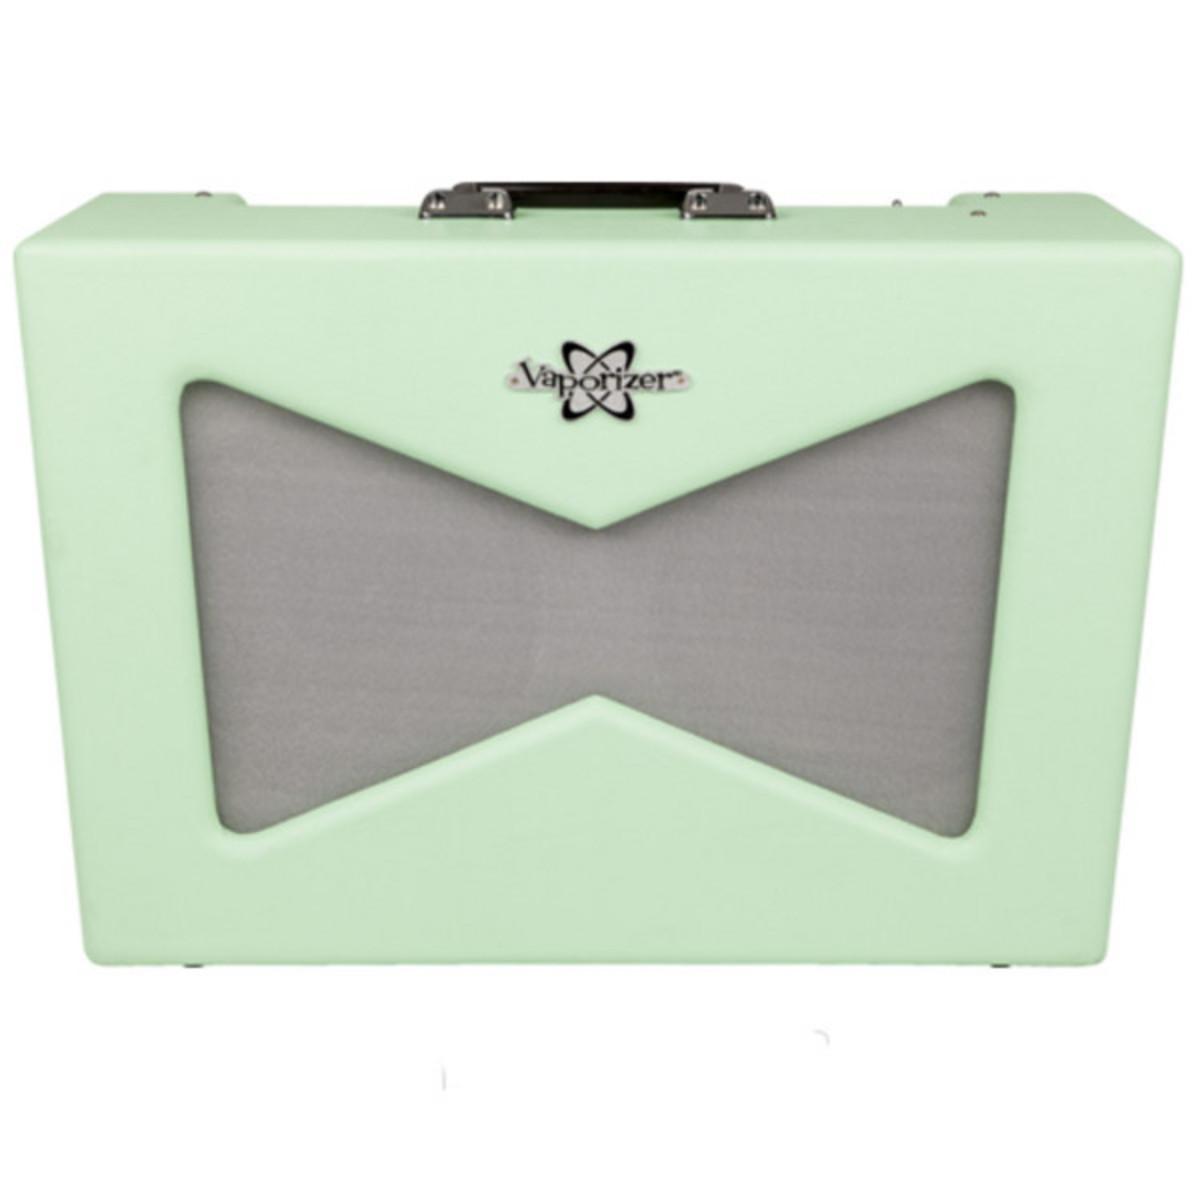 fender pawn shop special vaporizer amp 12w surf green at. Black Bedroom Furniture Sets. Home Design Ideas